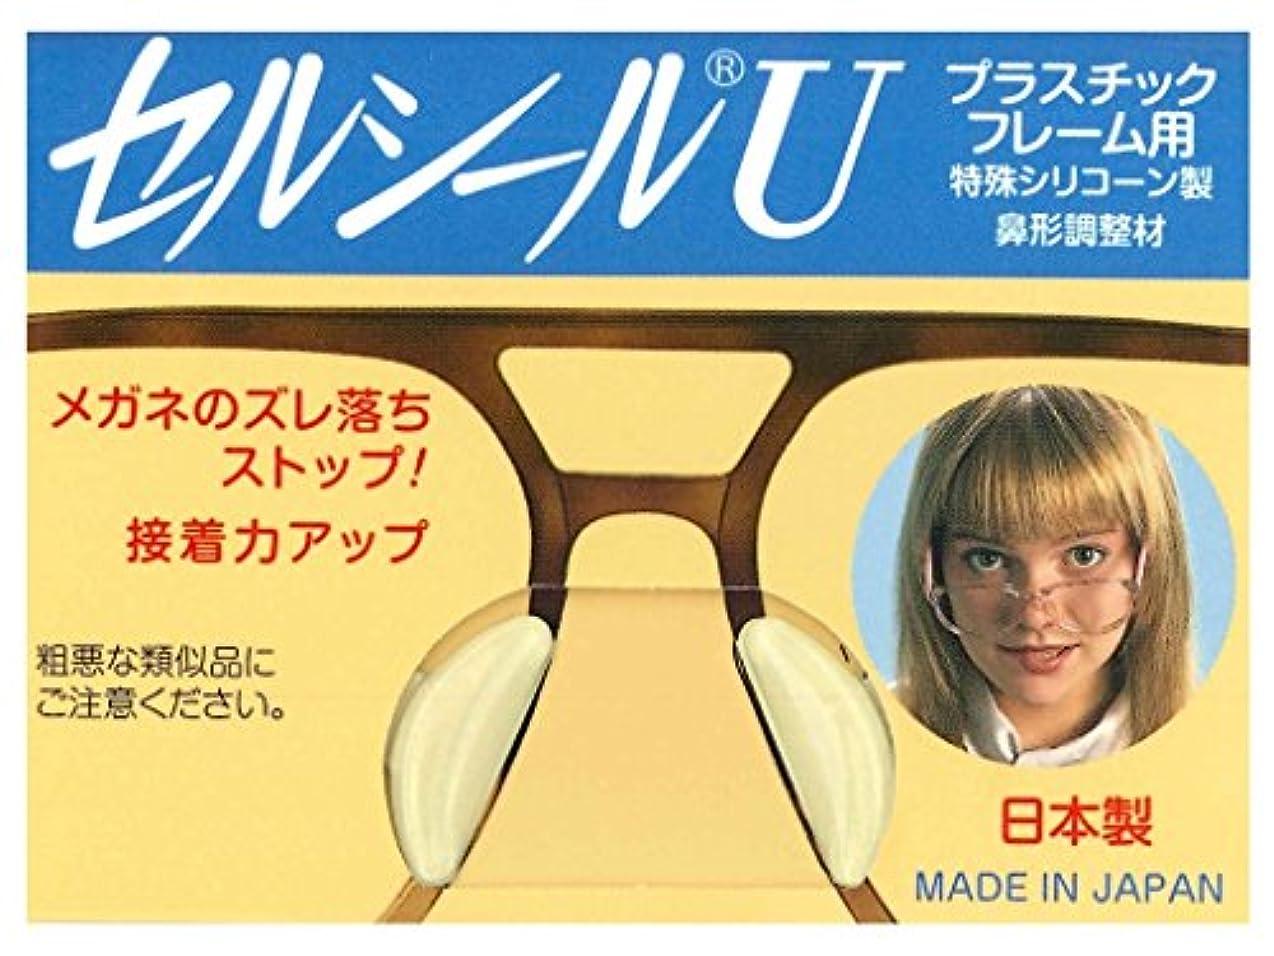 診断する忠誠鉄セルシールU 10ペア LLサイズ 【鼻あて部分がプラスチックの場合メガネずり落ち防止】